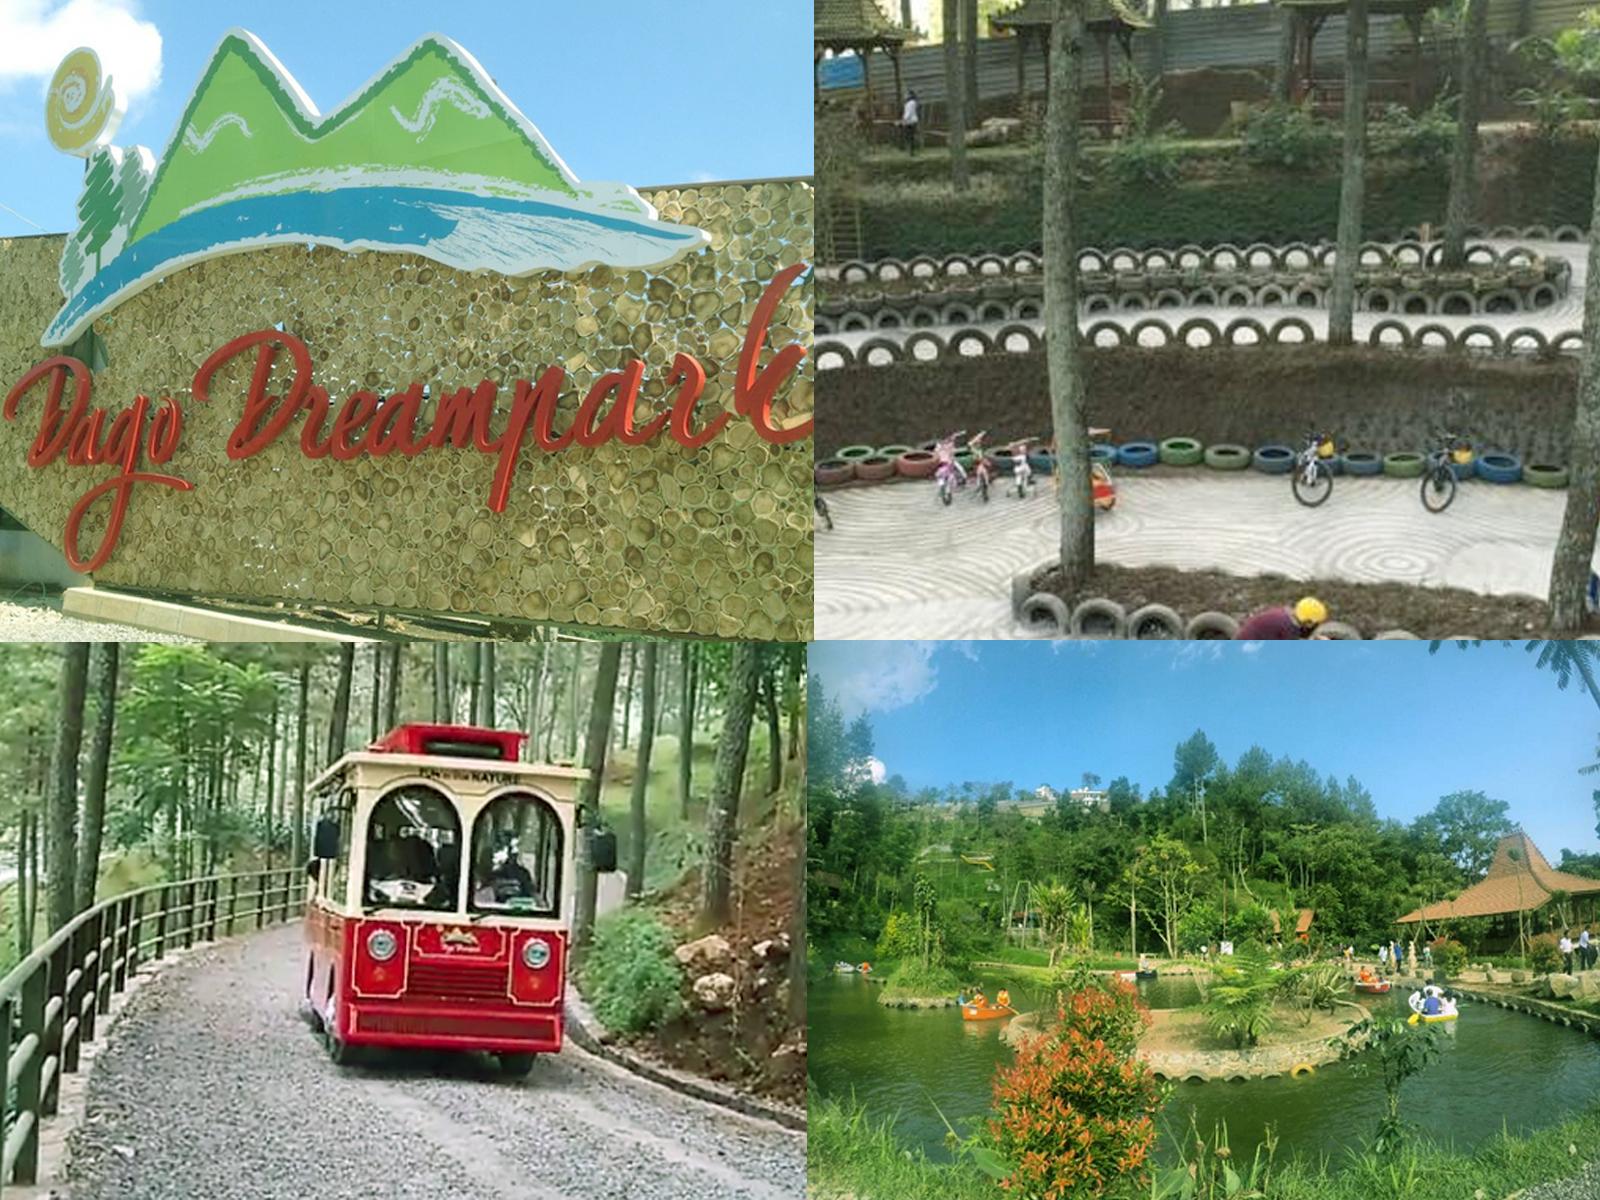 Tempat Wisata Dago Dreampark Bandung